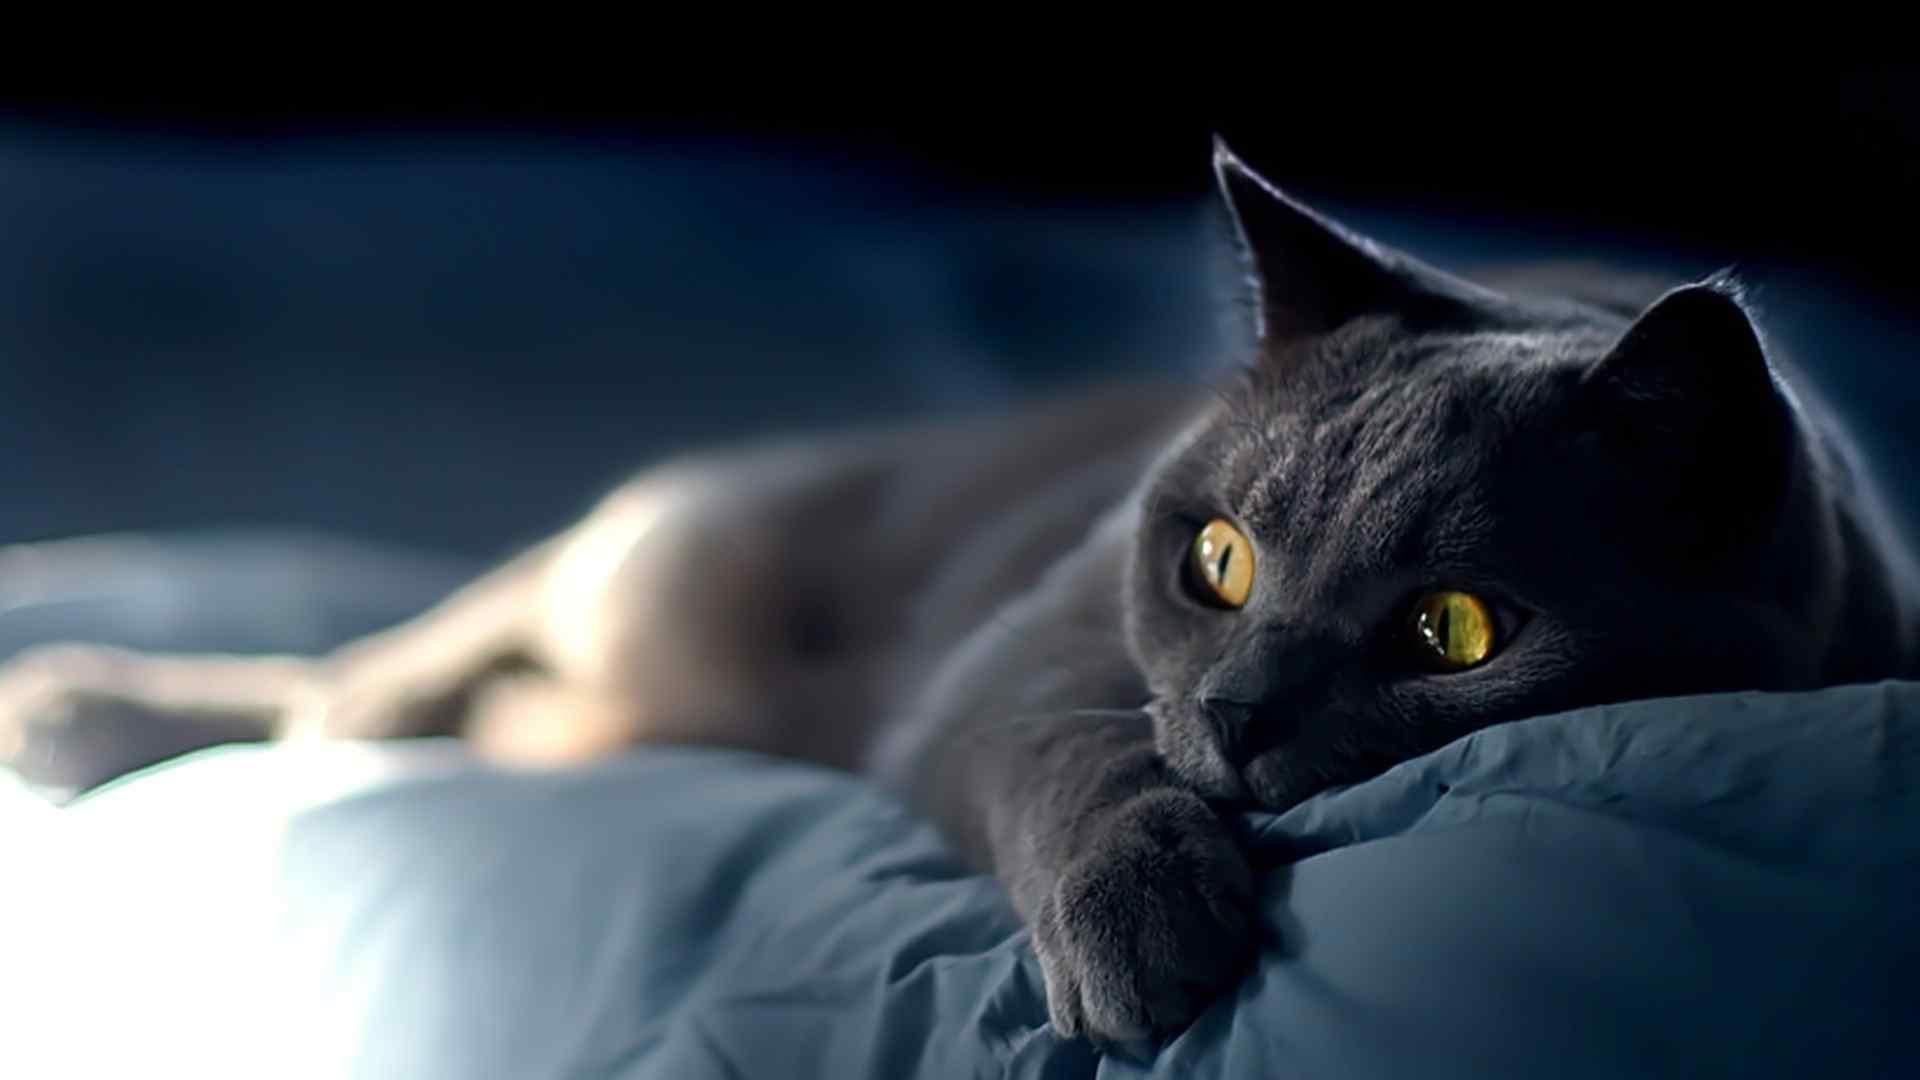 黑色猫咪躺着卖萌桌面壁纸